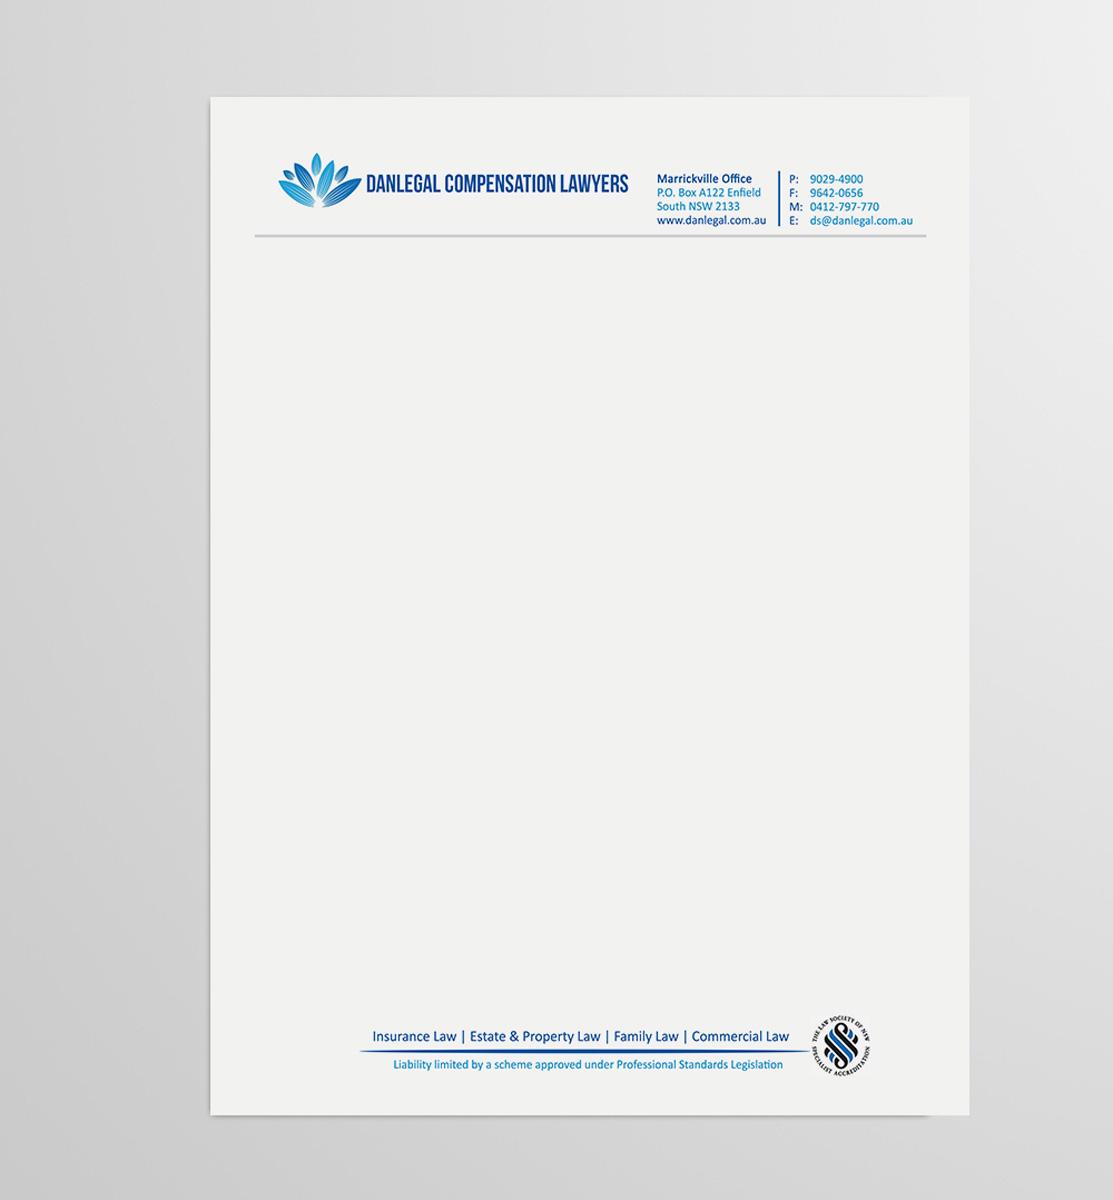 elegant letterhead design